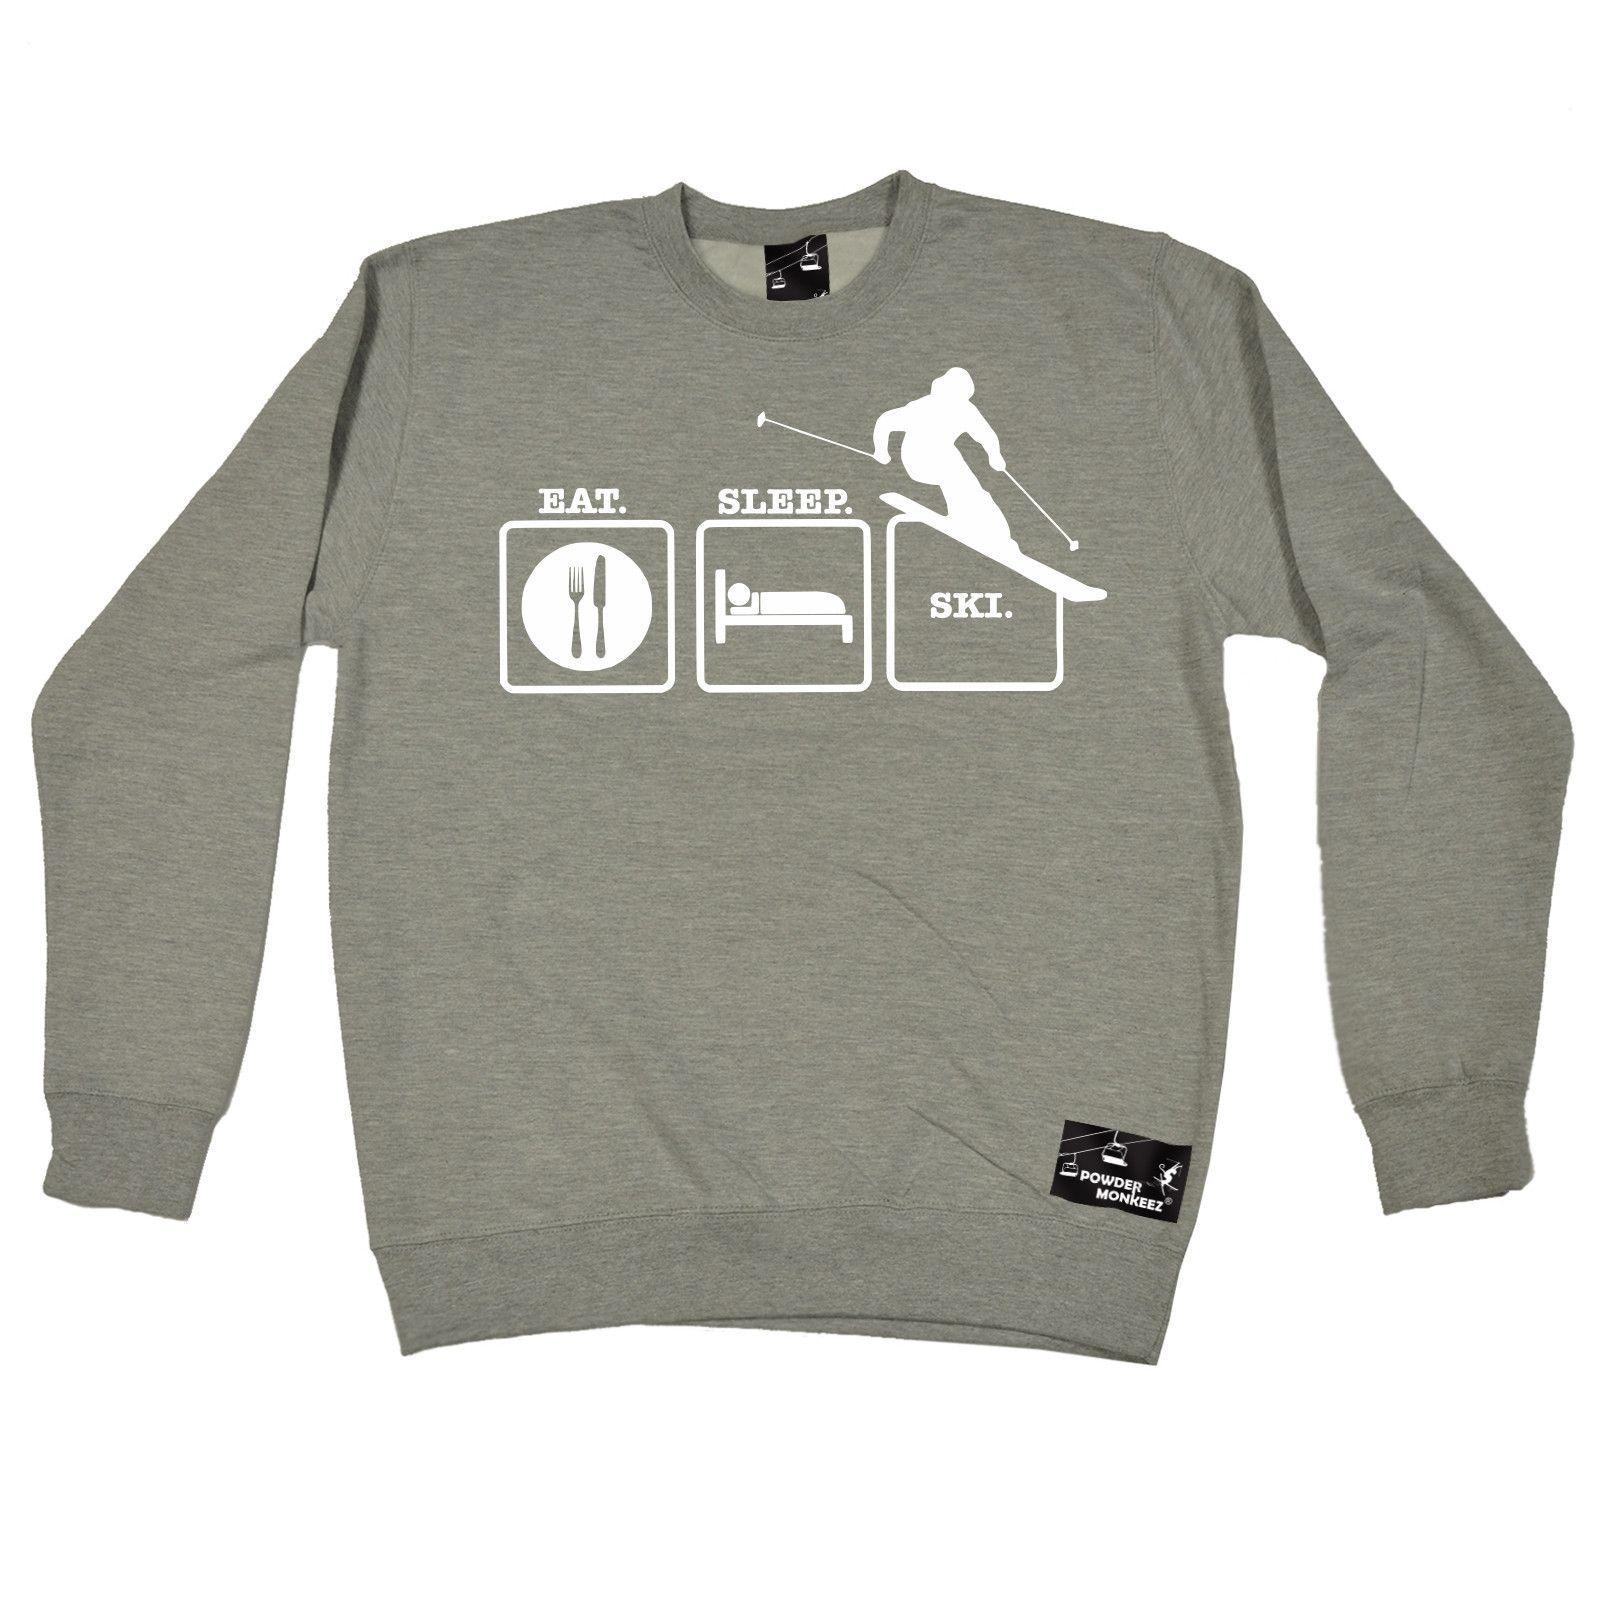 Powder Monkeez Eat Sleep Ski Skiing Sweatshirt